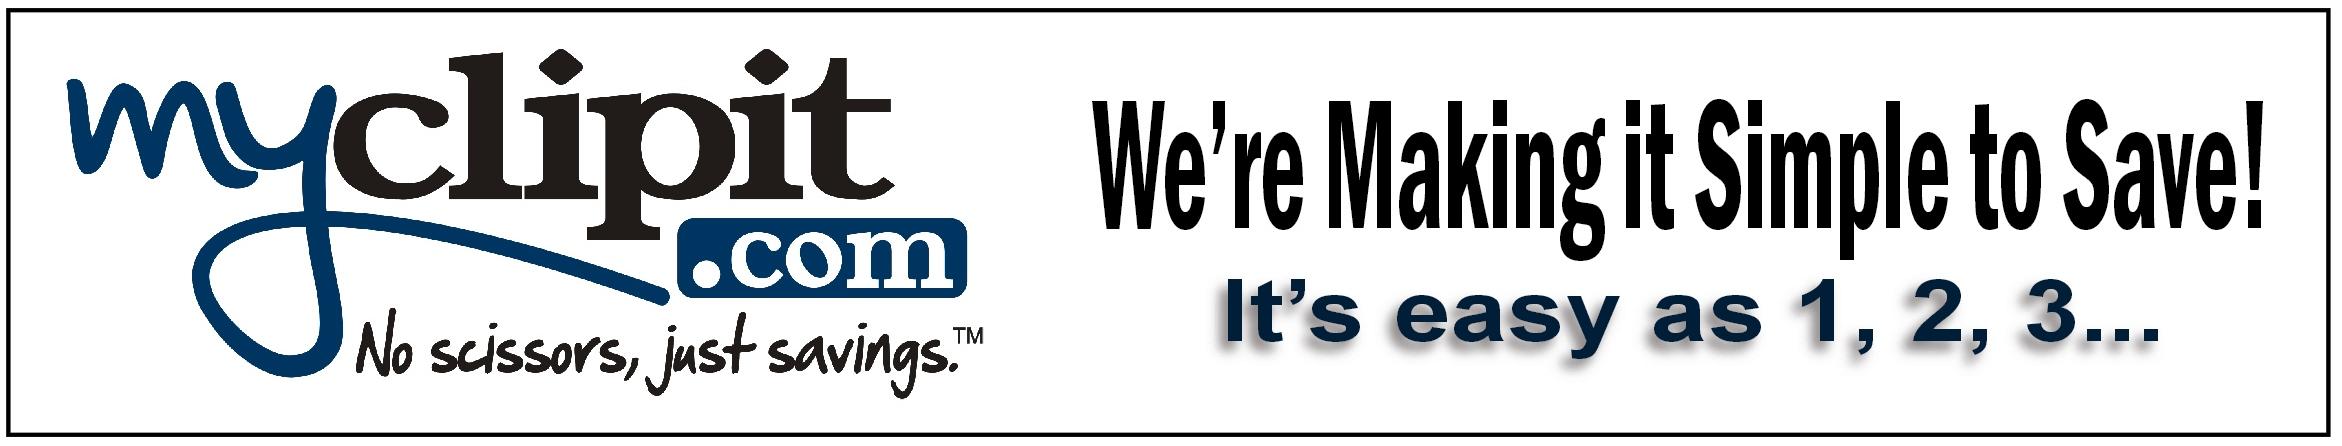 Myclipit.com Web Banner